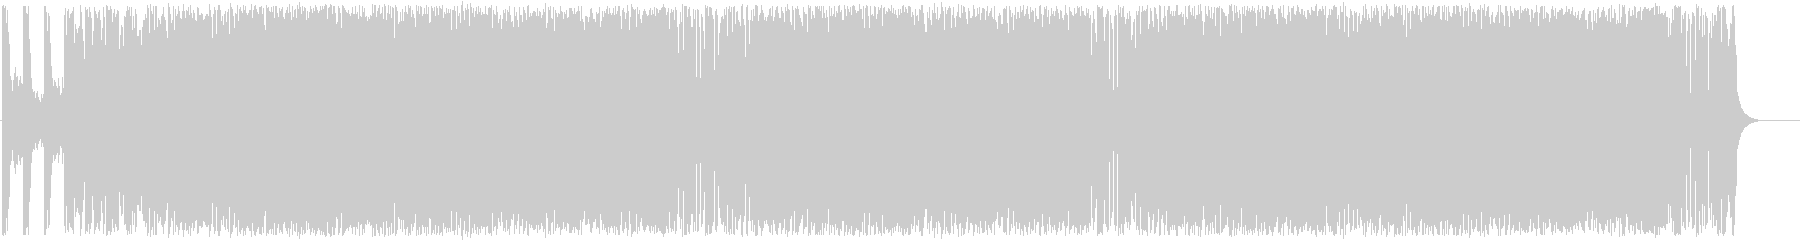 速いテンポで複雑な音のシンセサイザー曲の未再生の波形